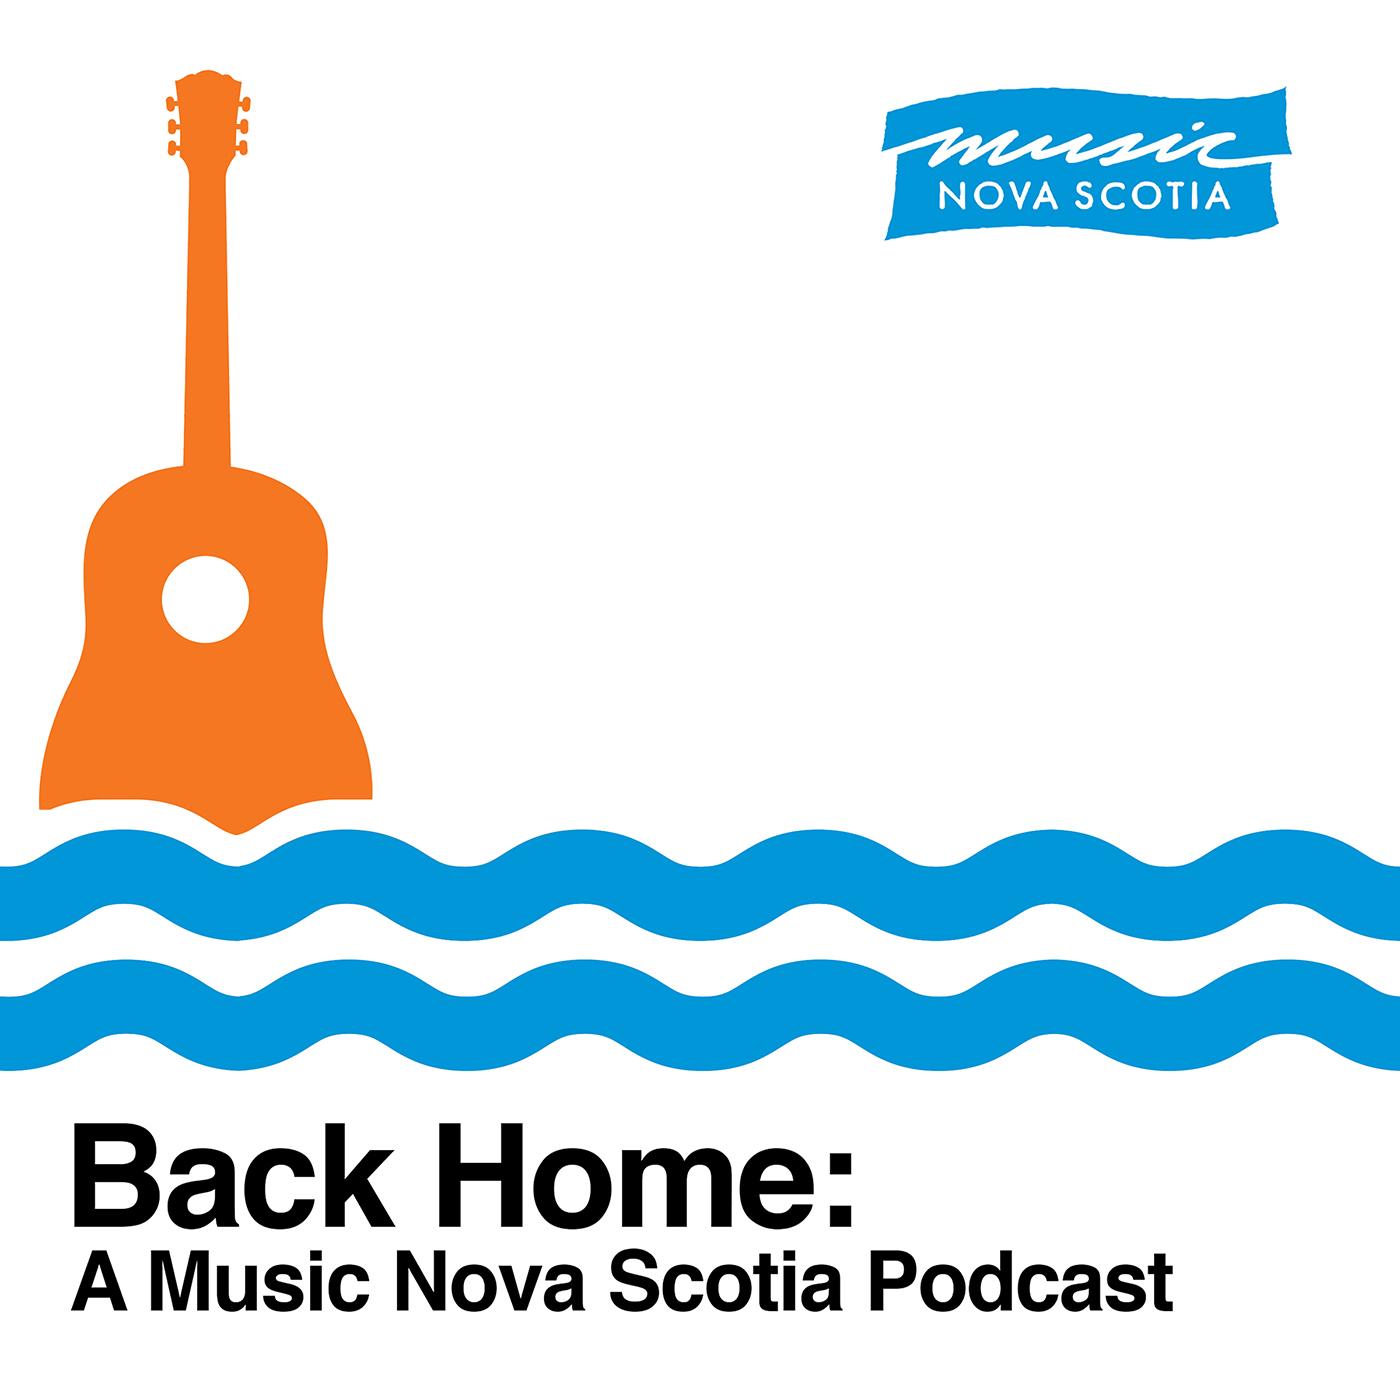 Back Home: A Music Nova Scotia Podcast show art